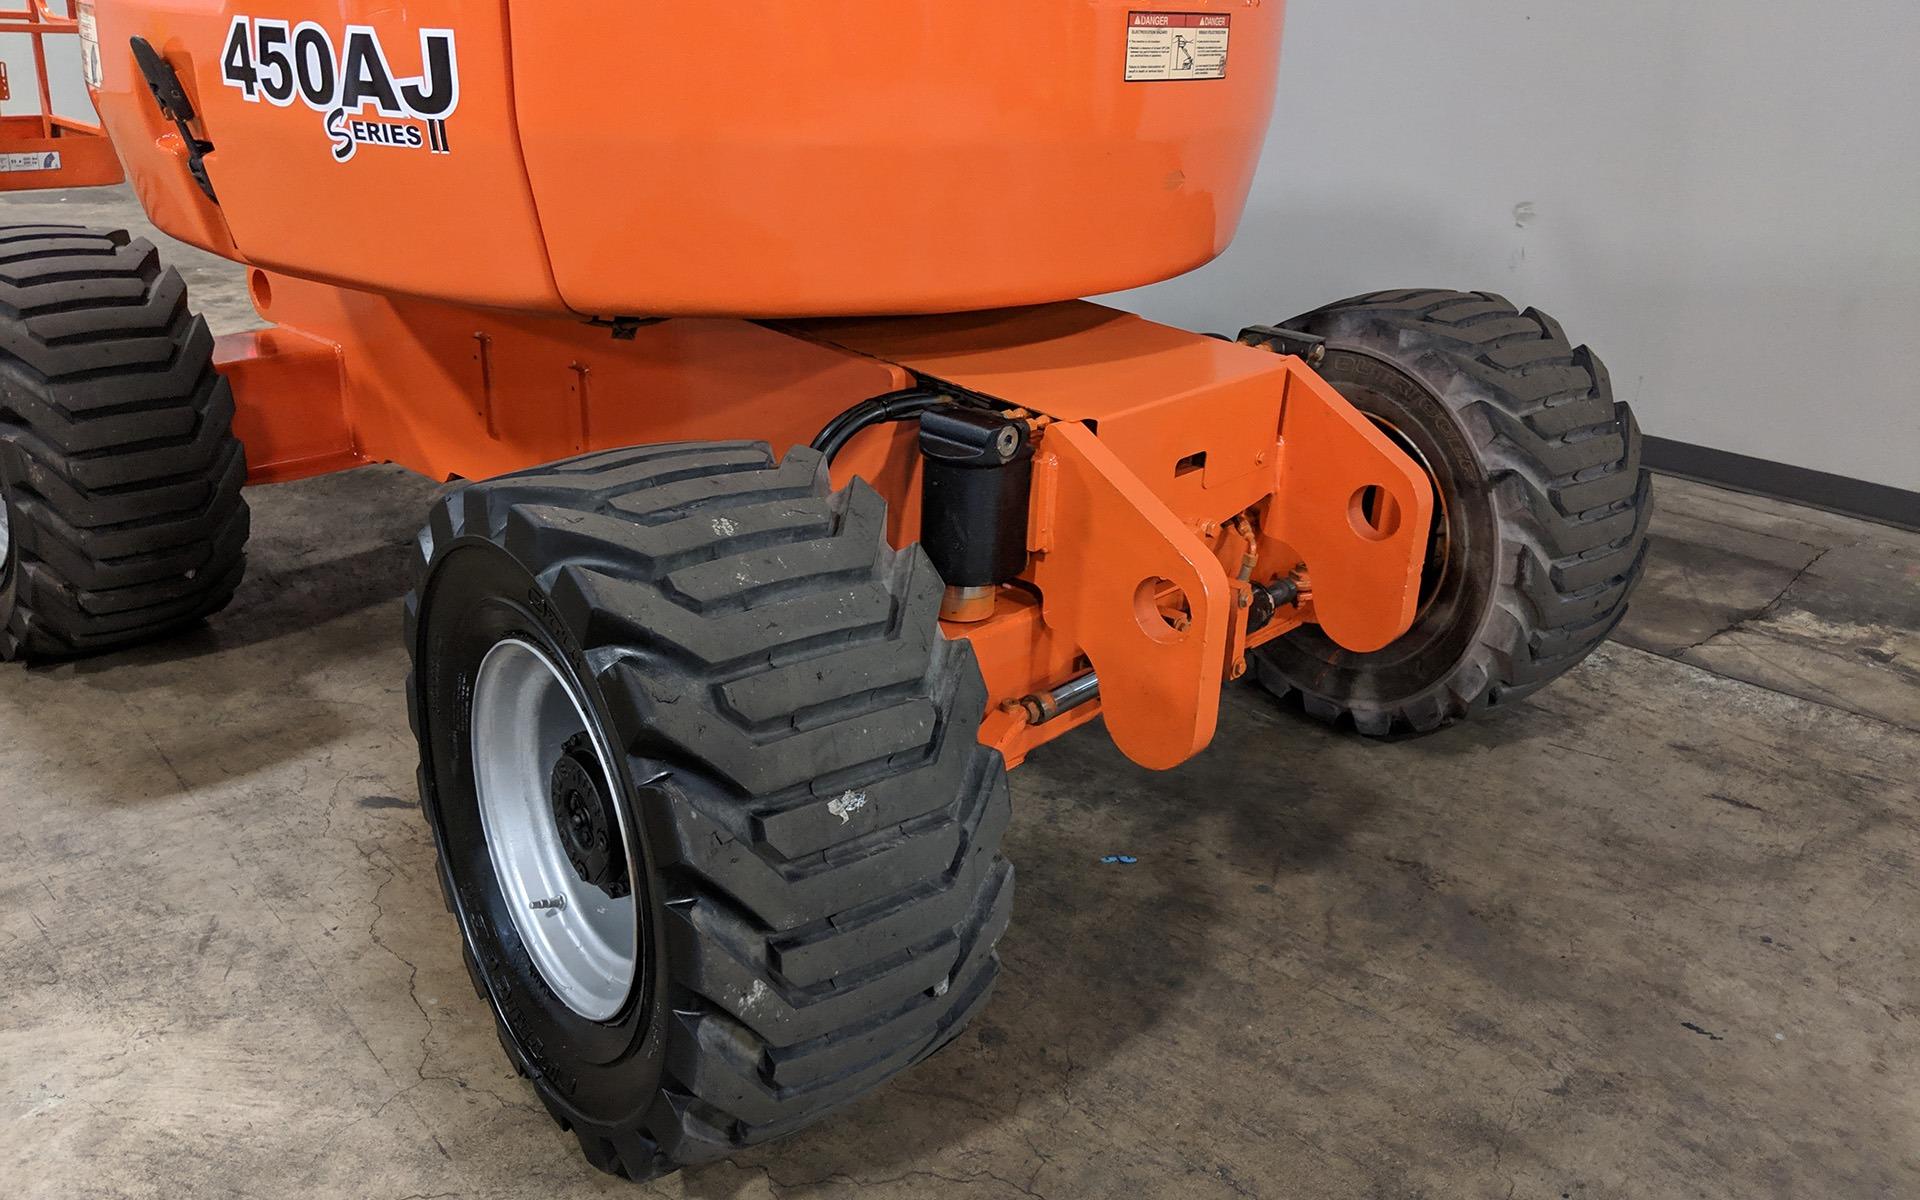 Used 2010 JLG 450AJ  | Cary, IL